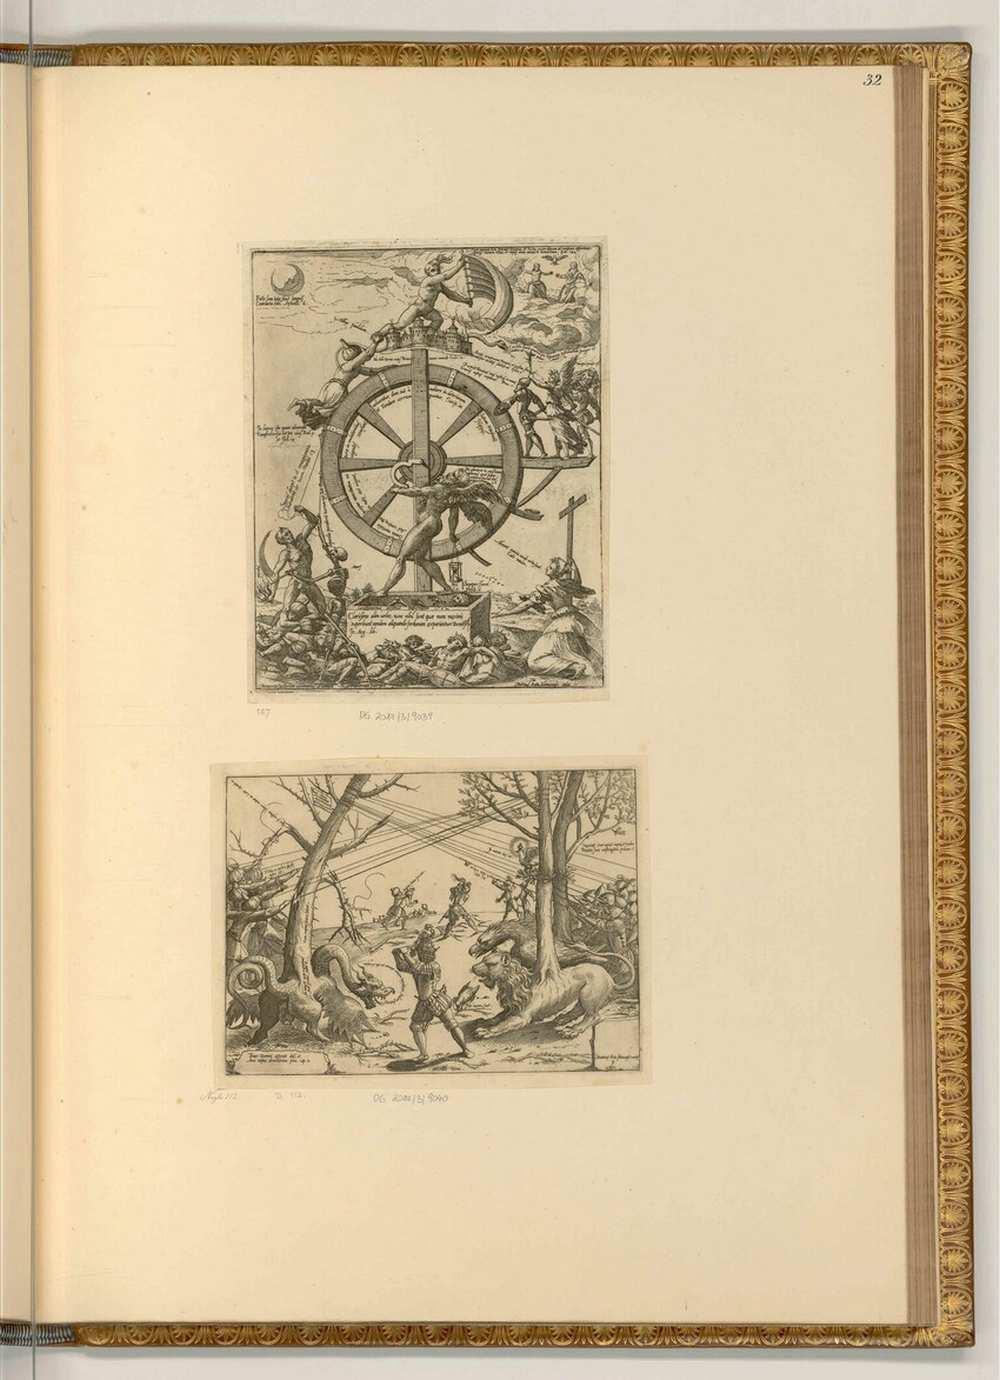 Az oszmánok és keresztények közötti harc allegorikus ábrázolása, 1572. Albertina, Wien. Jelzet: It/I/34/32 – A kép forrása: Albertina Sammlungen Online https://sammlungenonline.albertina.at/?query=search=/record/objectnumbersearch=[It/I/34/32]&showtype=record